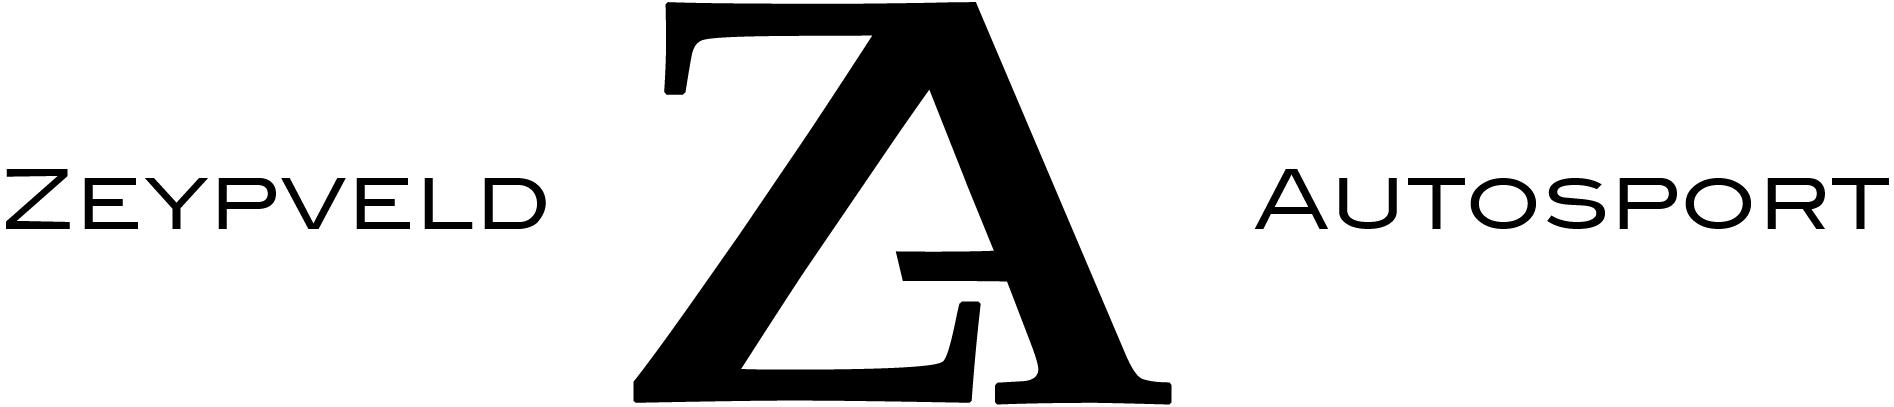 Zeypveld Autosport - Logo line zw